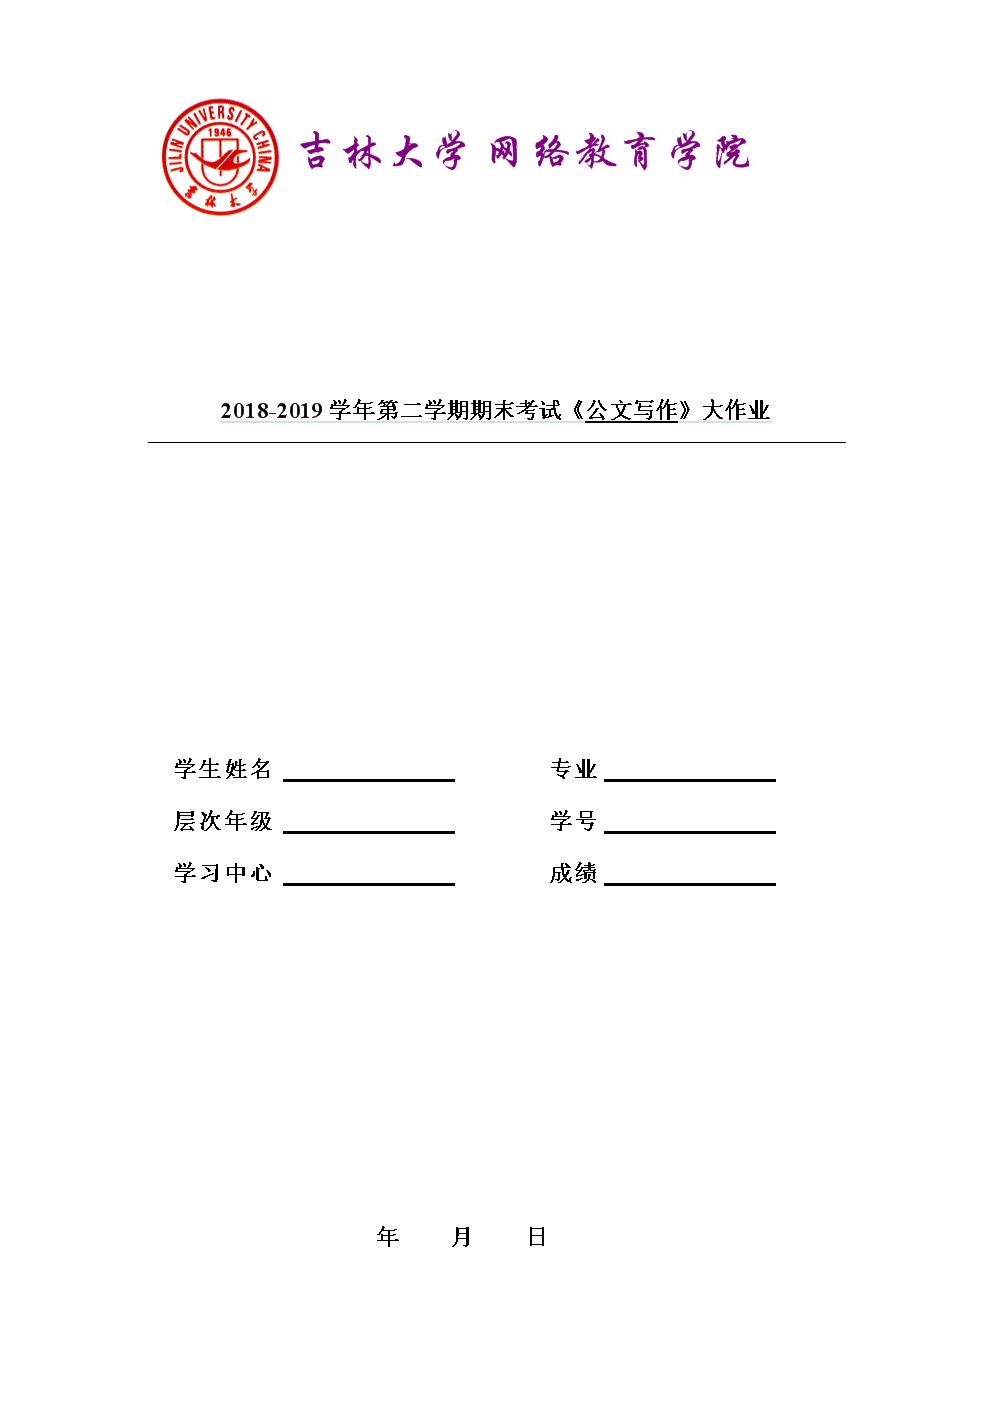 吉大19年9月课程考试《公文写作》离线作业考核要求【答案】.doc